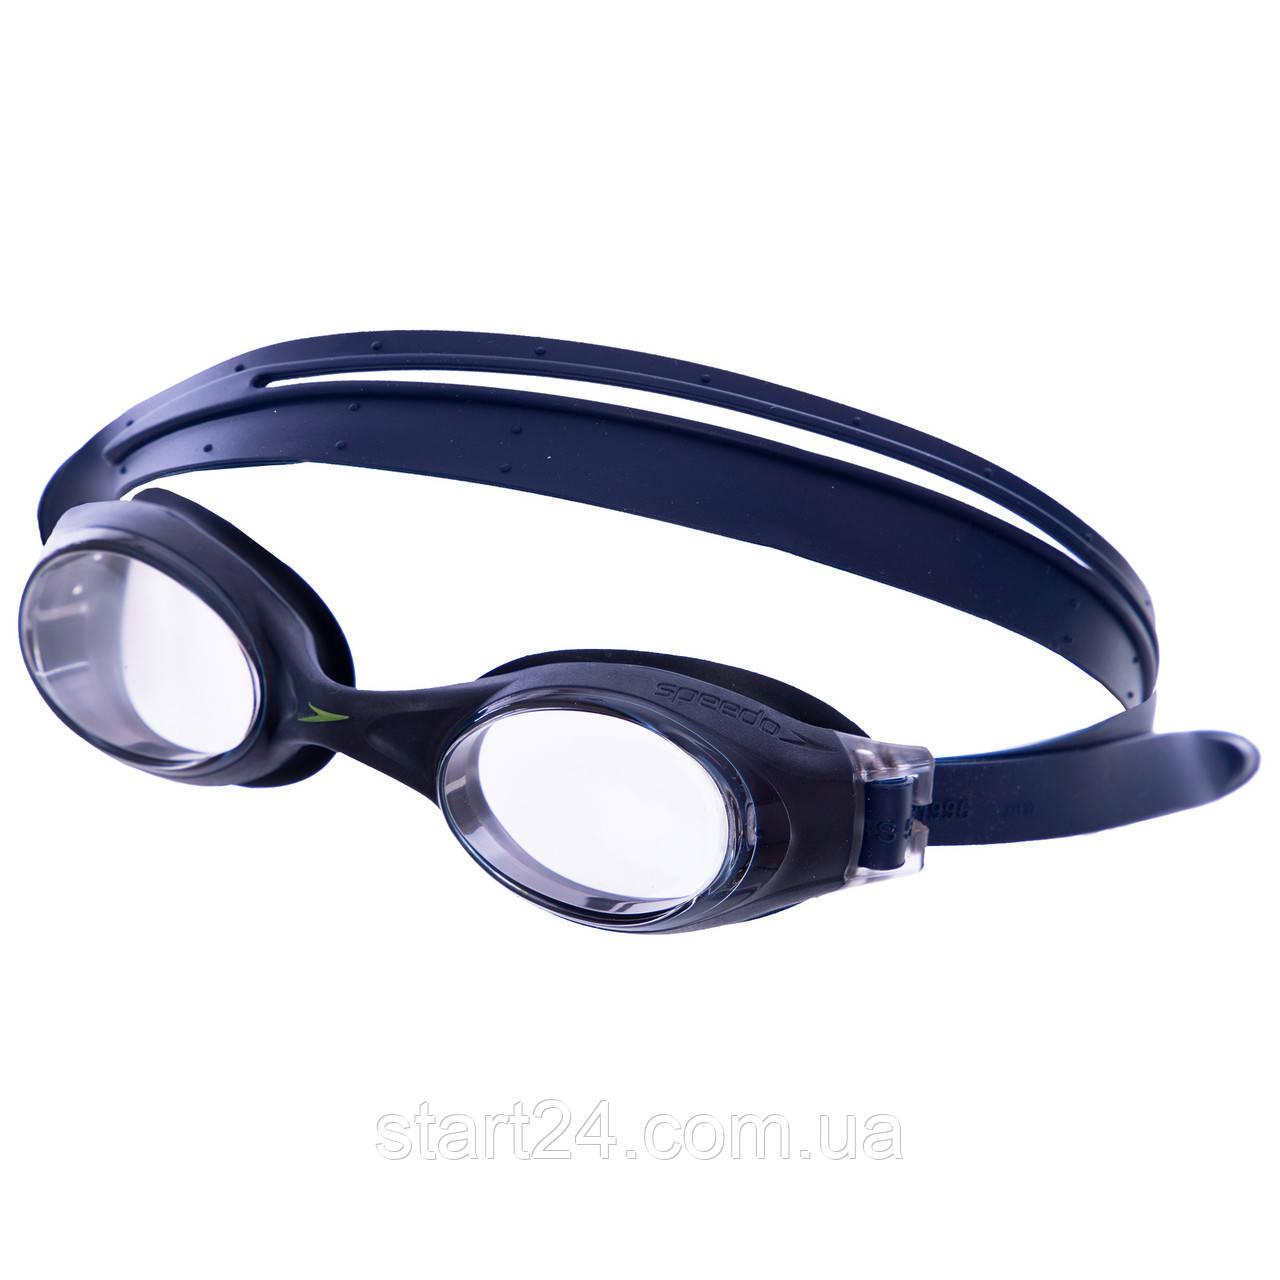 Окуляри для плавання SPEEDO RAPIDE 8028387239 (полікарбонат, термопластична резина, силікон, кольори в